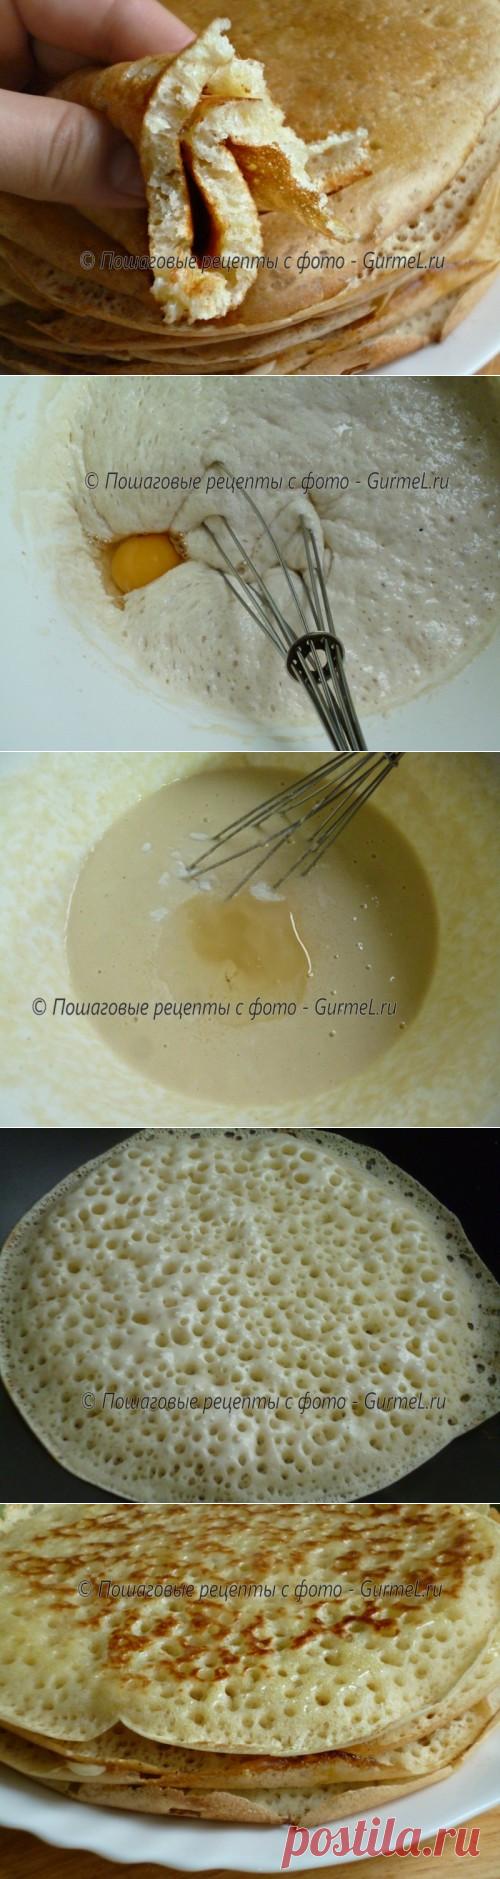 Блины на дрожжах рецепт с пошаговое